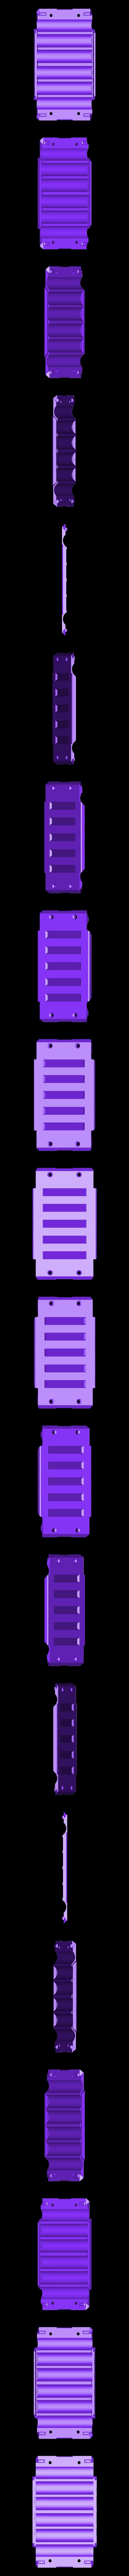 18650_2S3P_lid_V2.stl Télécharger fichier STL gratuit NESE, le module V2 sans soudure 18650 (FERMÉ) • Objet pour imprimante 3D, 18650